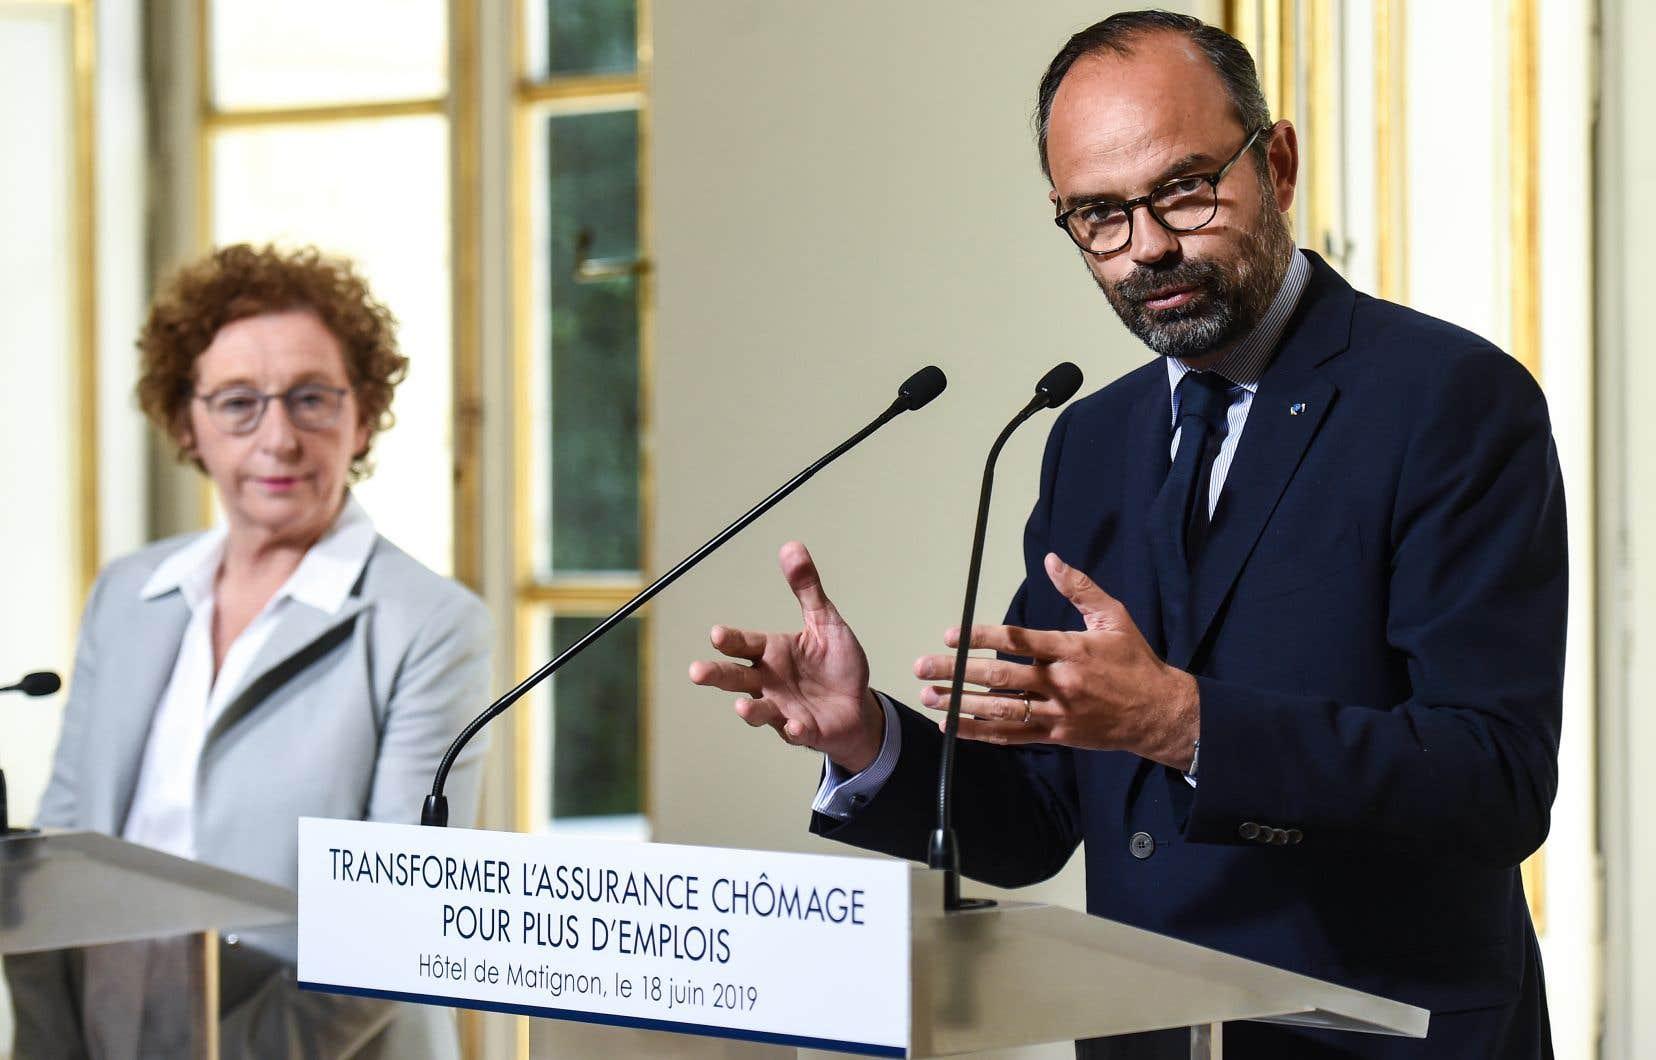 La réforme vise en particulier à retirer jusqu'à 250 000 personnes de la liste des chômeurs indemnisés, ce qui représenterait une économie de 3,4 milliards d'euros d'ici à fin2021, a expliqué le premier ministre Edouard Philippe.